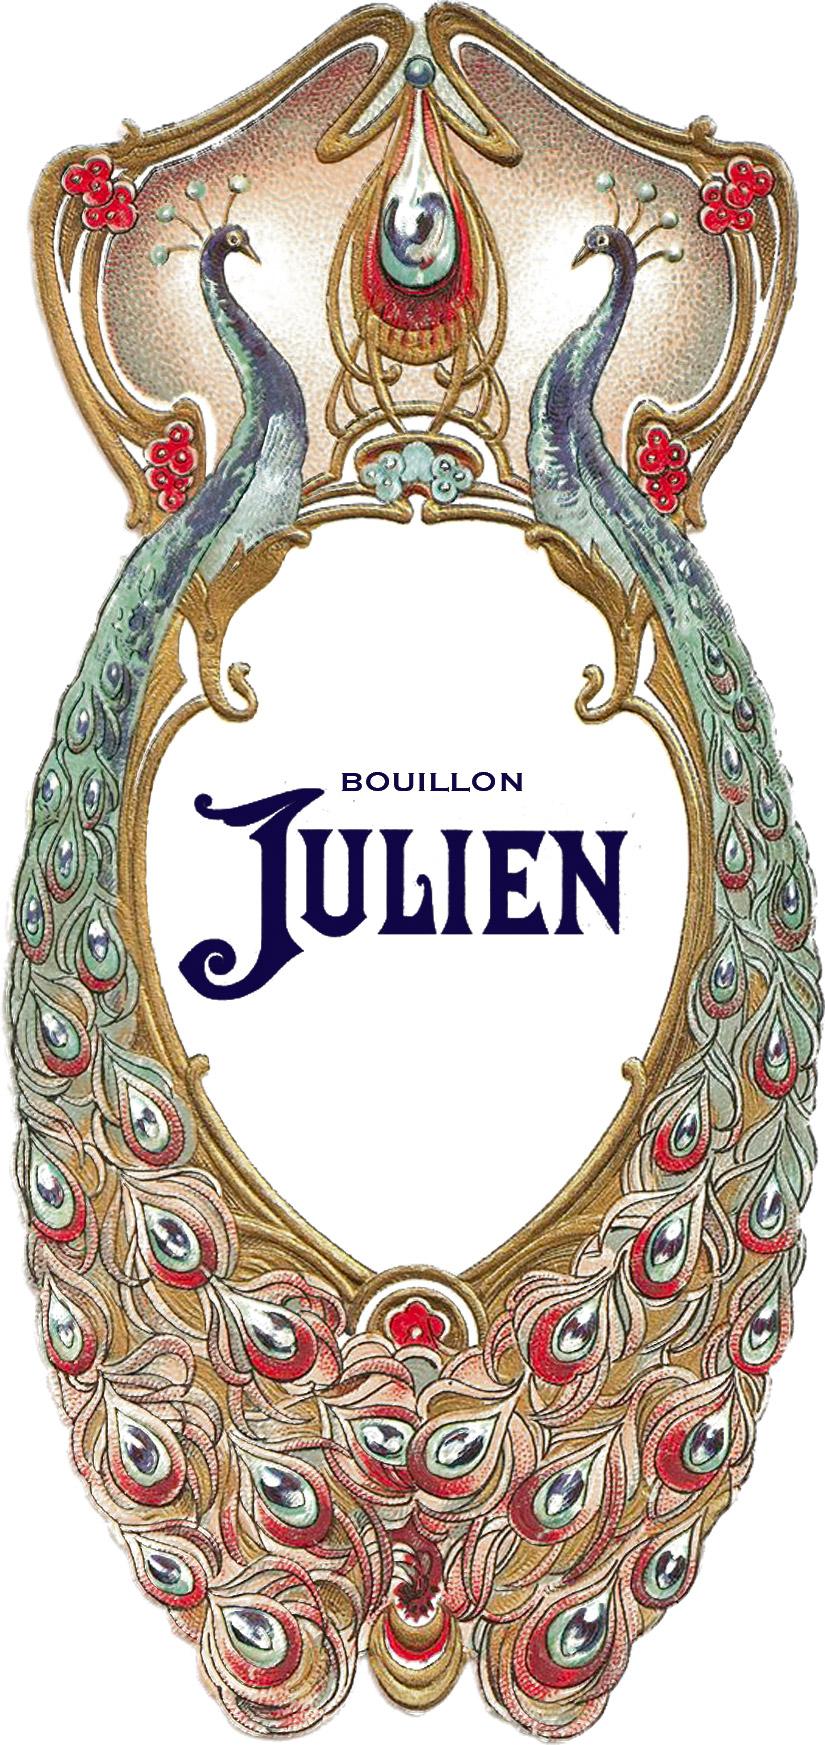 Bouillon-Julien-C.jpg